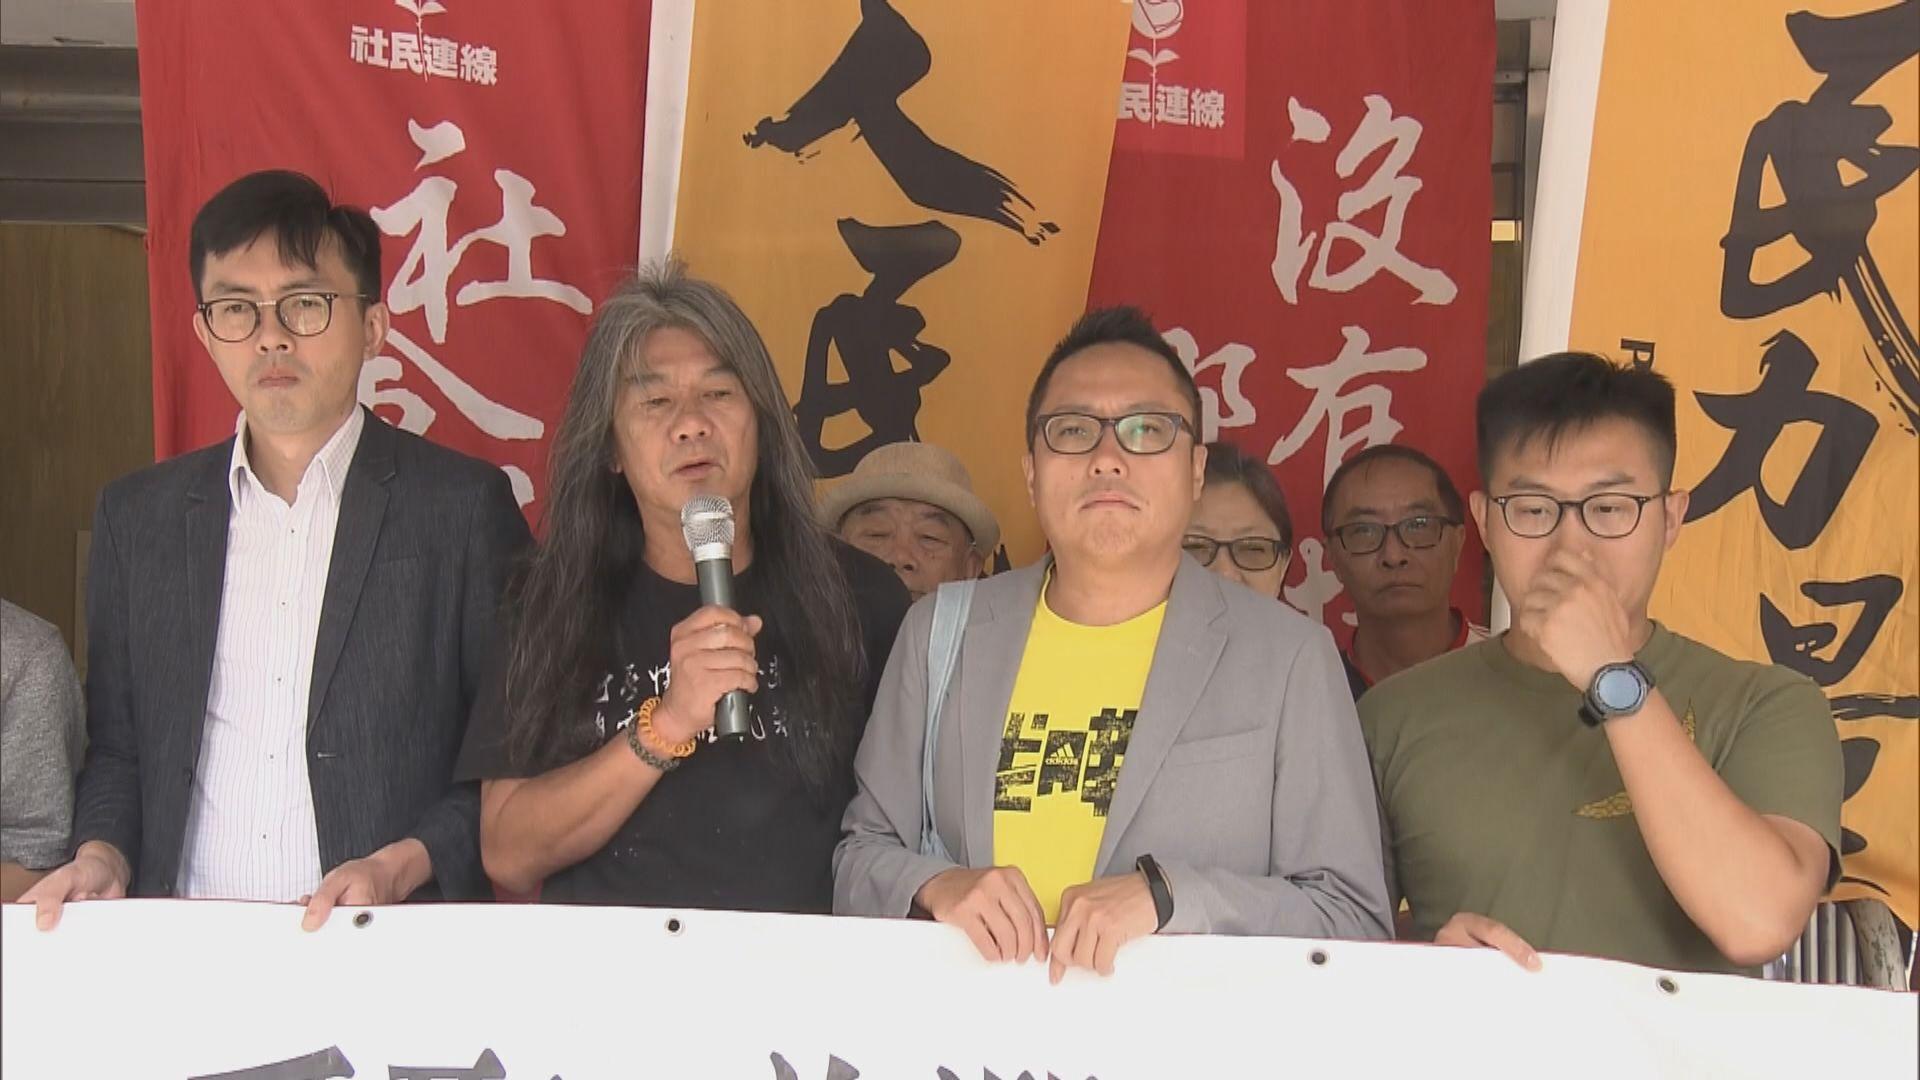 梁國雄譚得志辯論比賽示威改判罰款